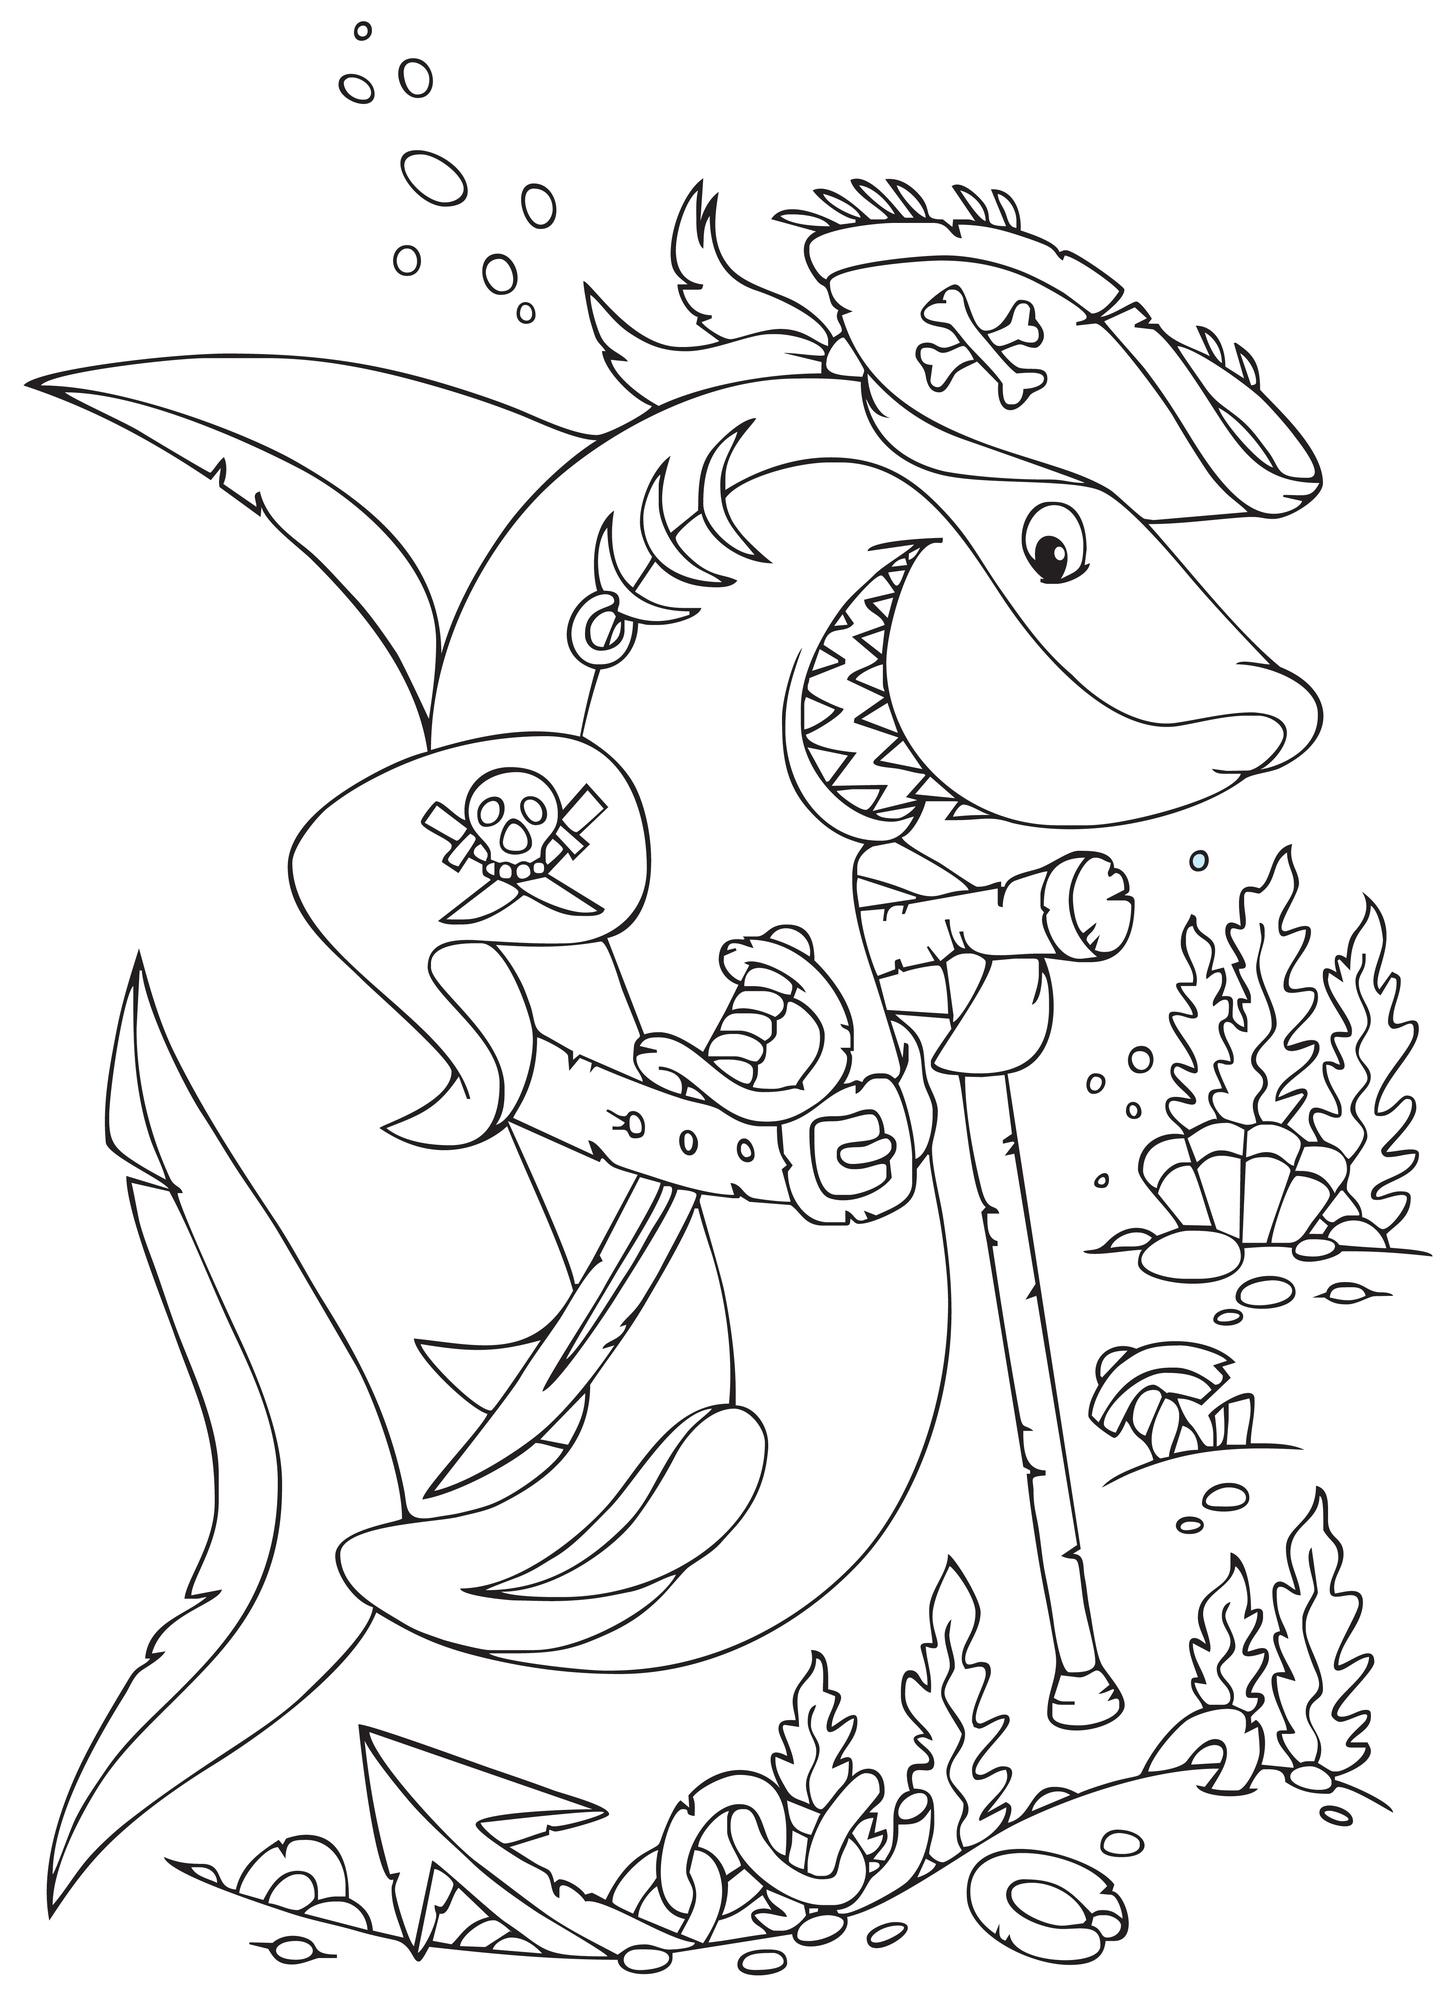 Coloriage À Imprimer : Le Requin Pirate dedans Dessin De Requin À Imprimer